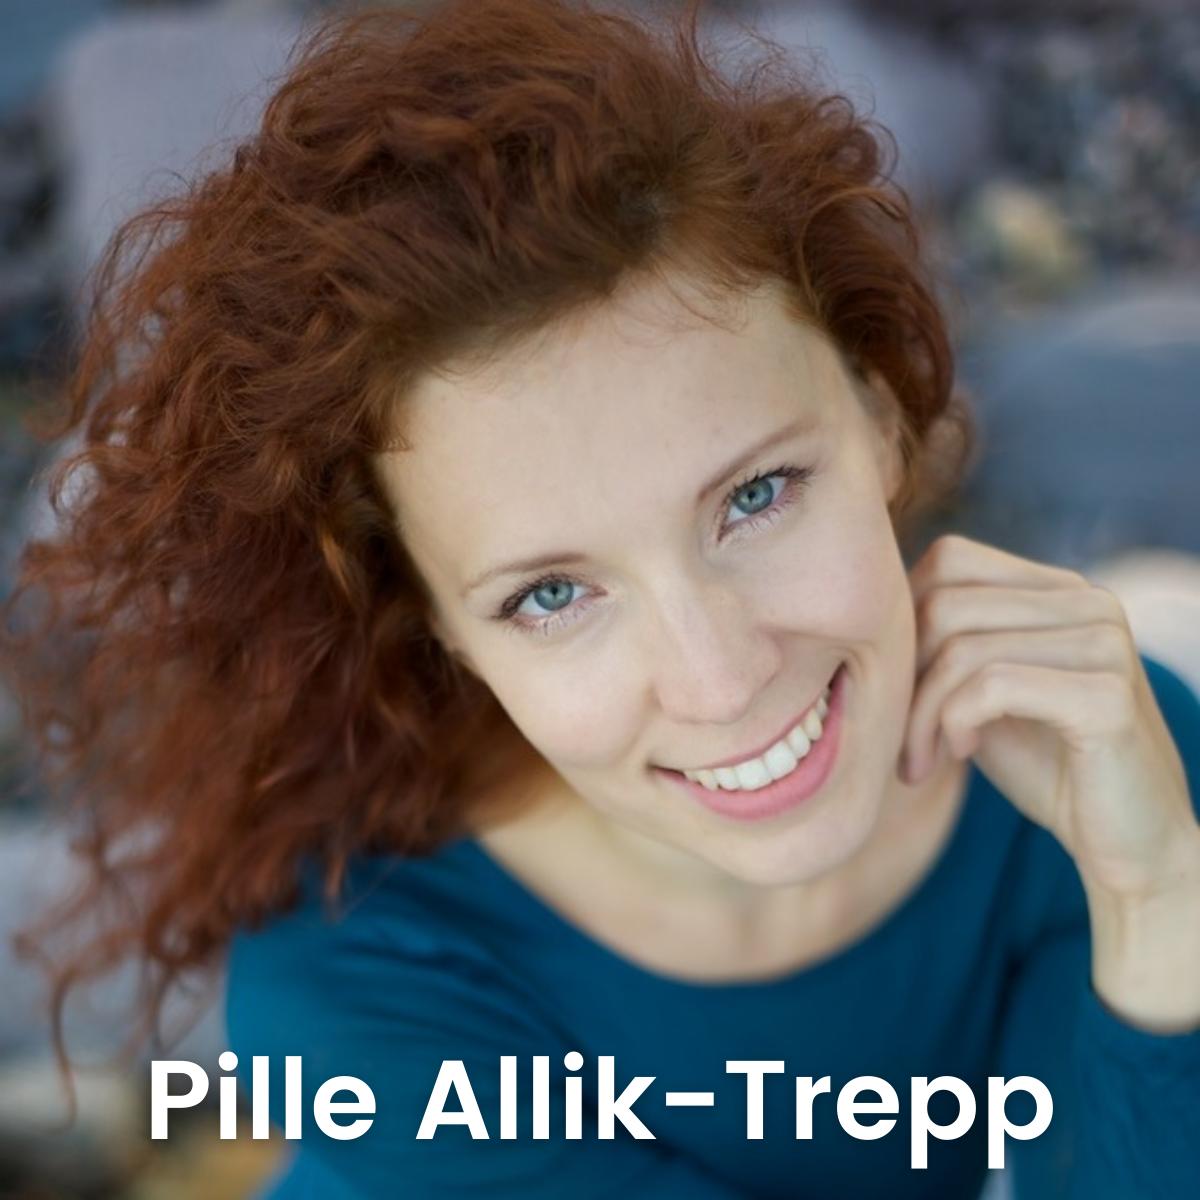 Pille Allik-Trepp